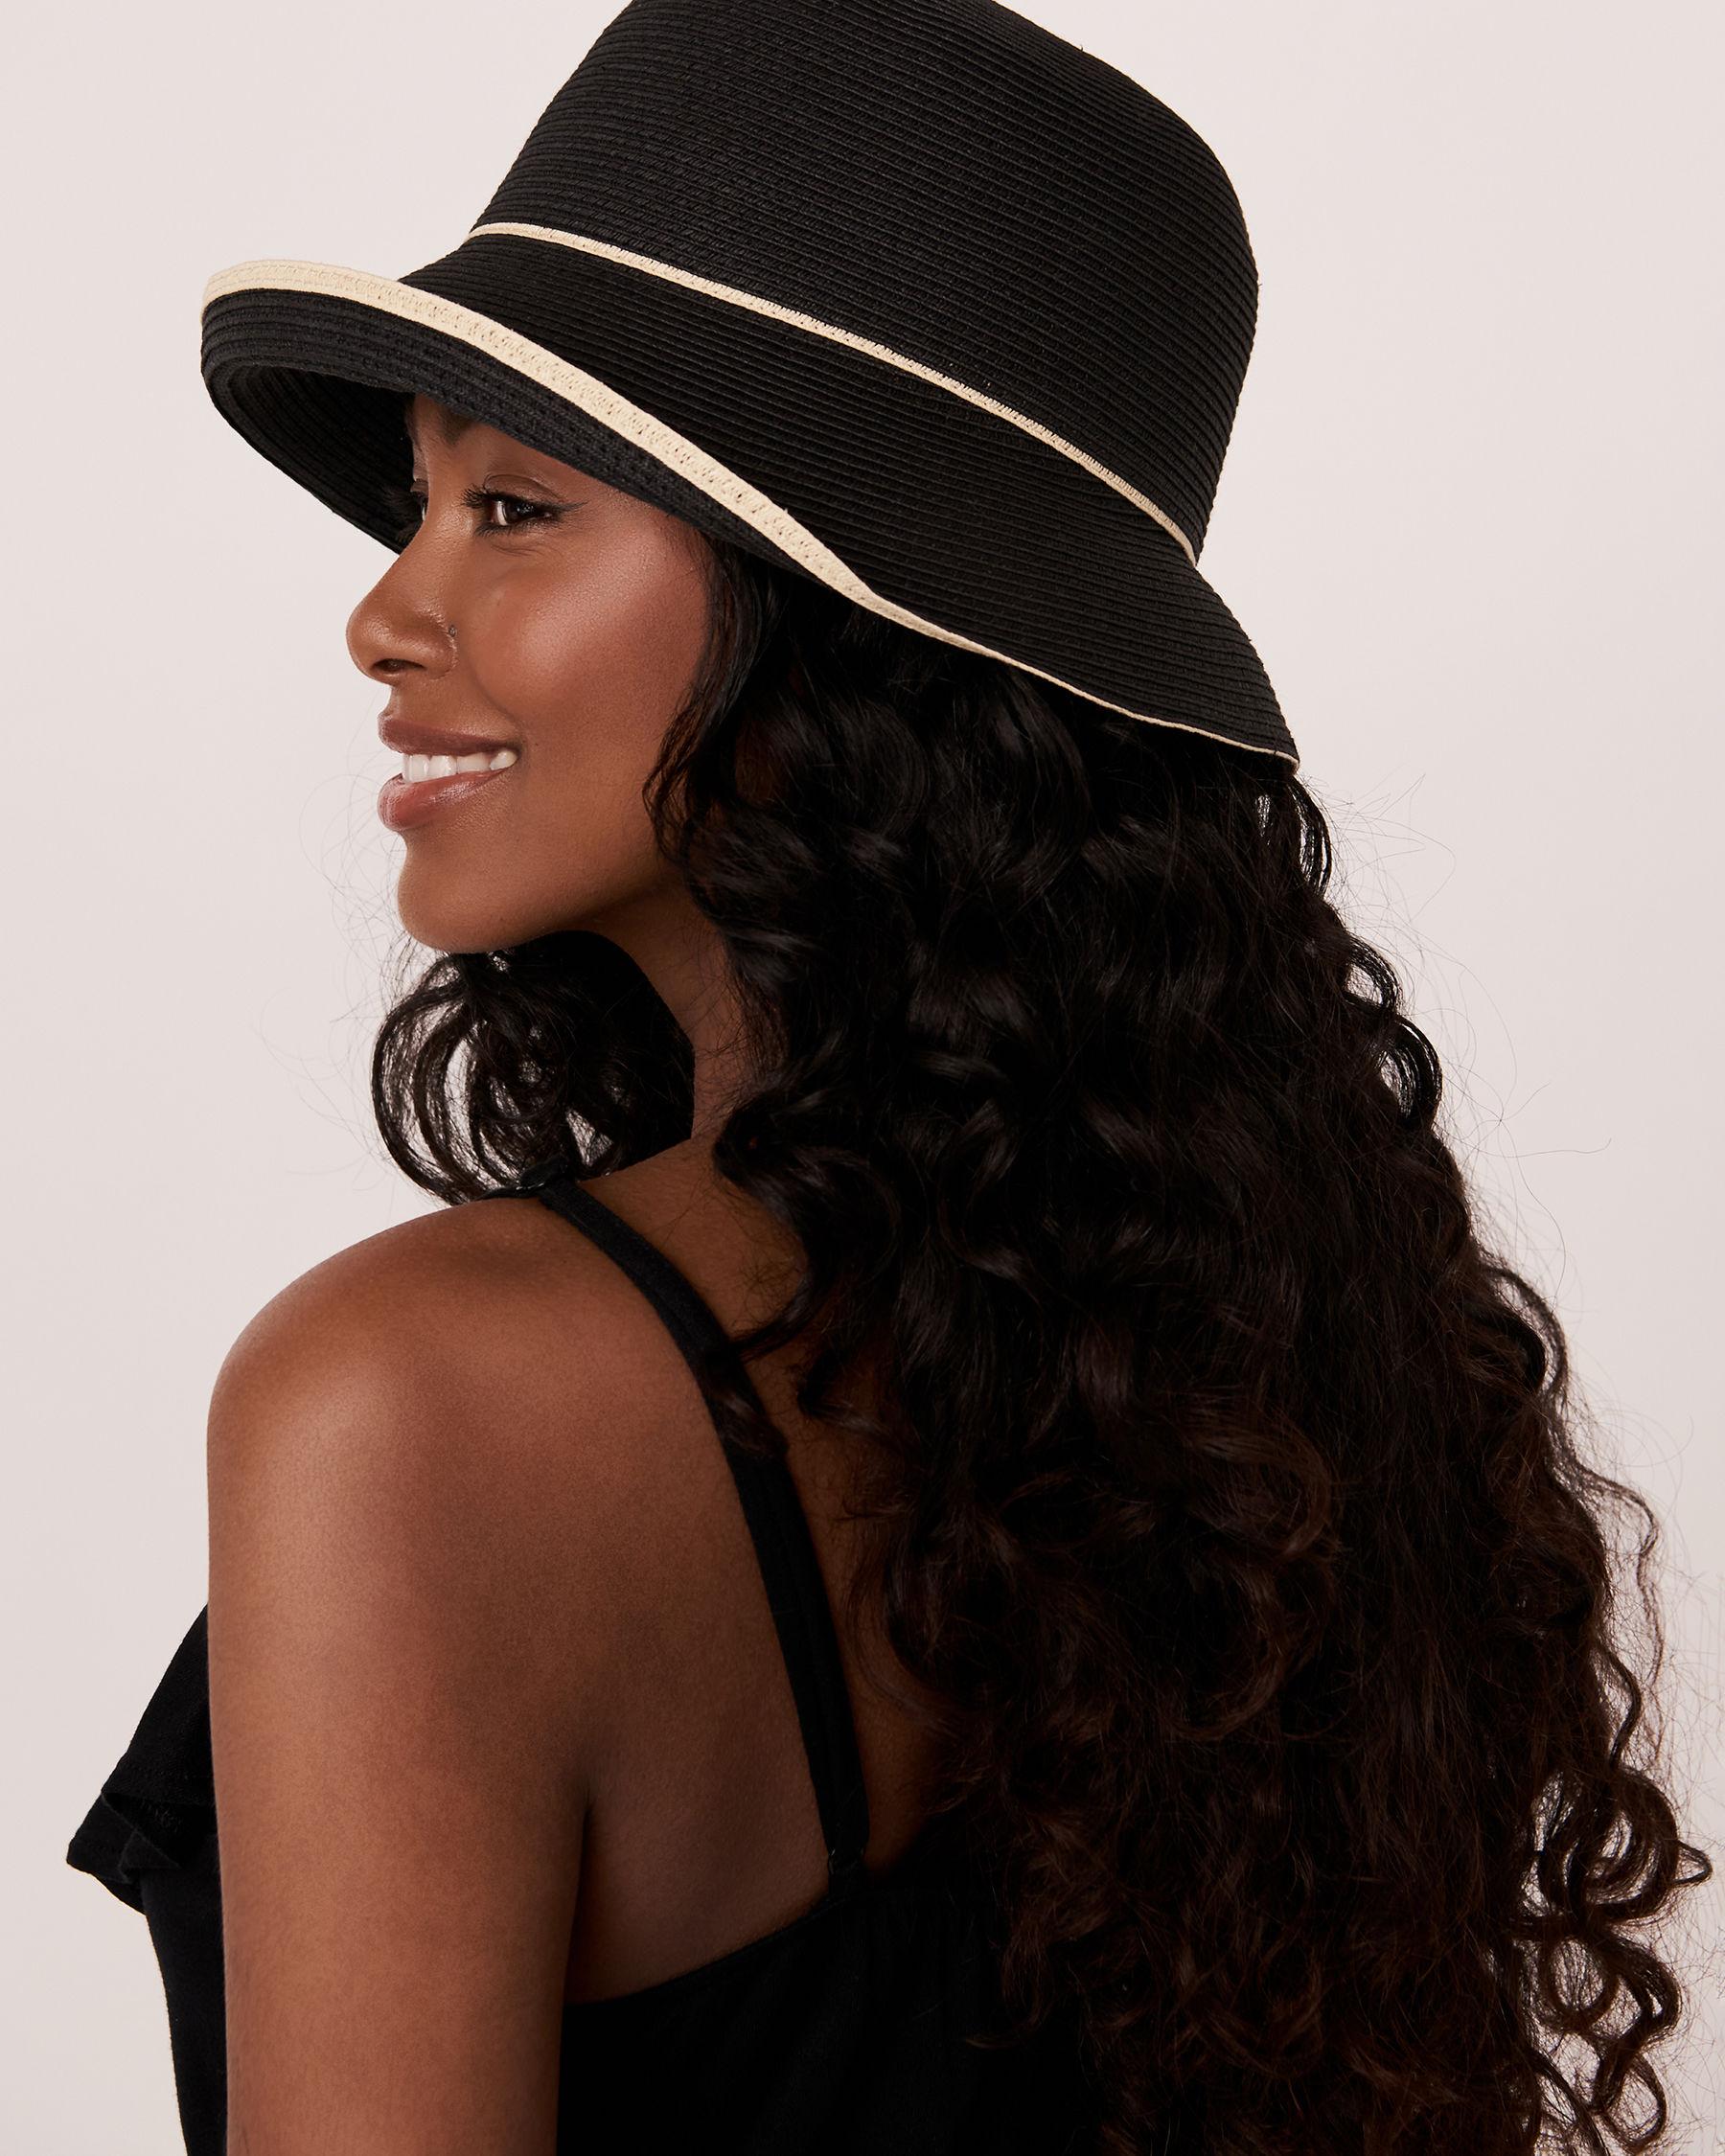 LA VIE EN ROSE AQUA Contrasting Cloche Hat Black 80500033 - View2